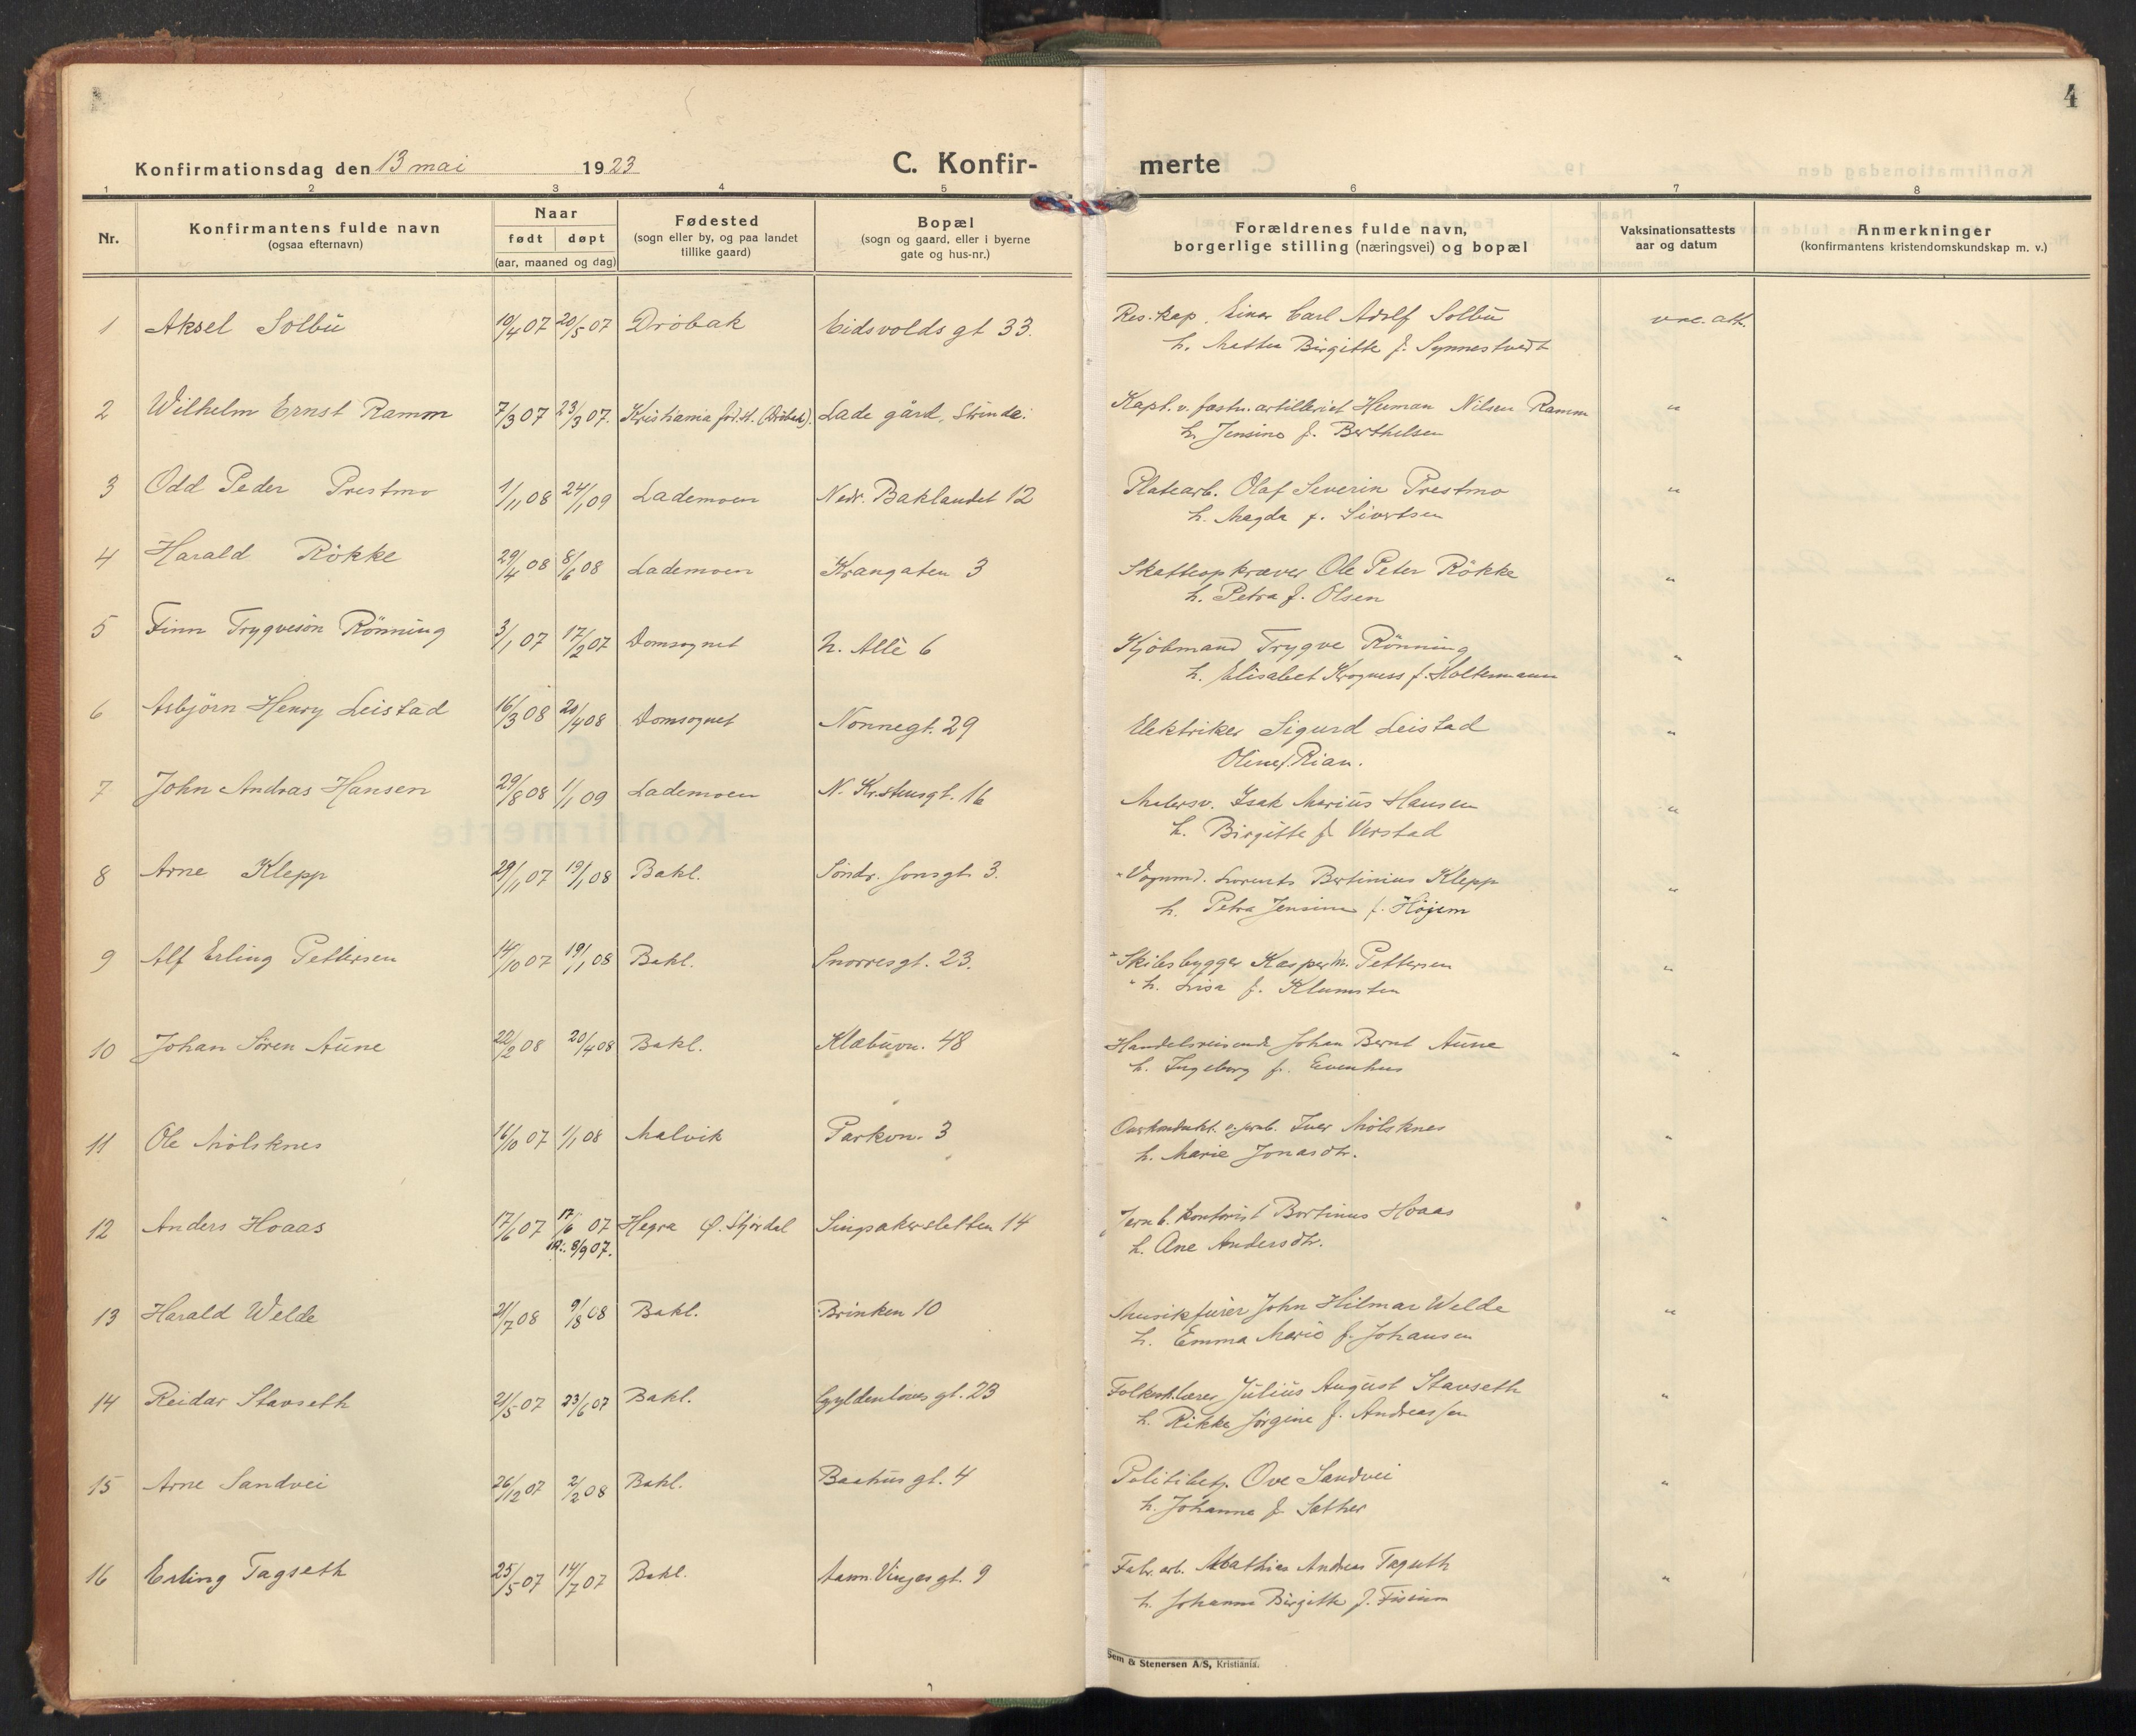 SAT, Ministerialprotokoller, klokkerbøker og fødselsregistre - Sør-Trøndelag, 604/L0208: Ministerialbok nr. 604A28, 1923-1937, s. 4